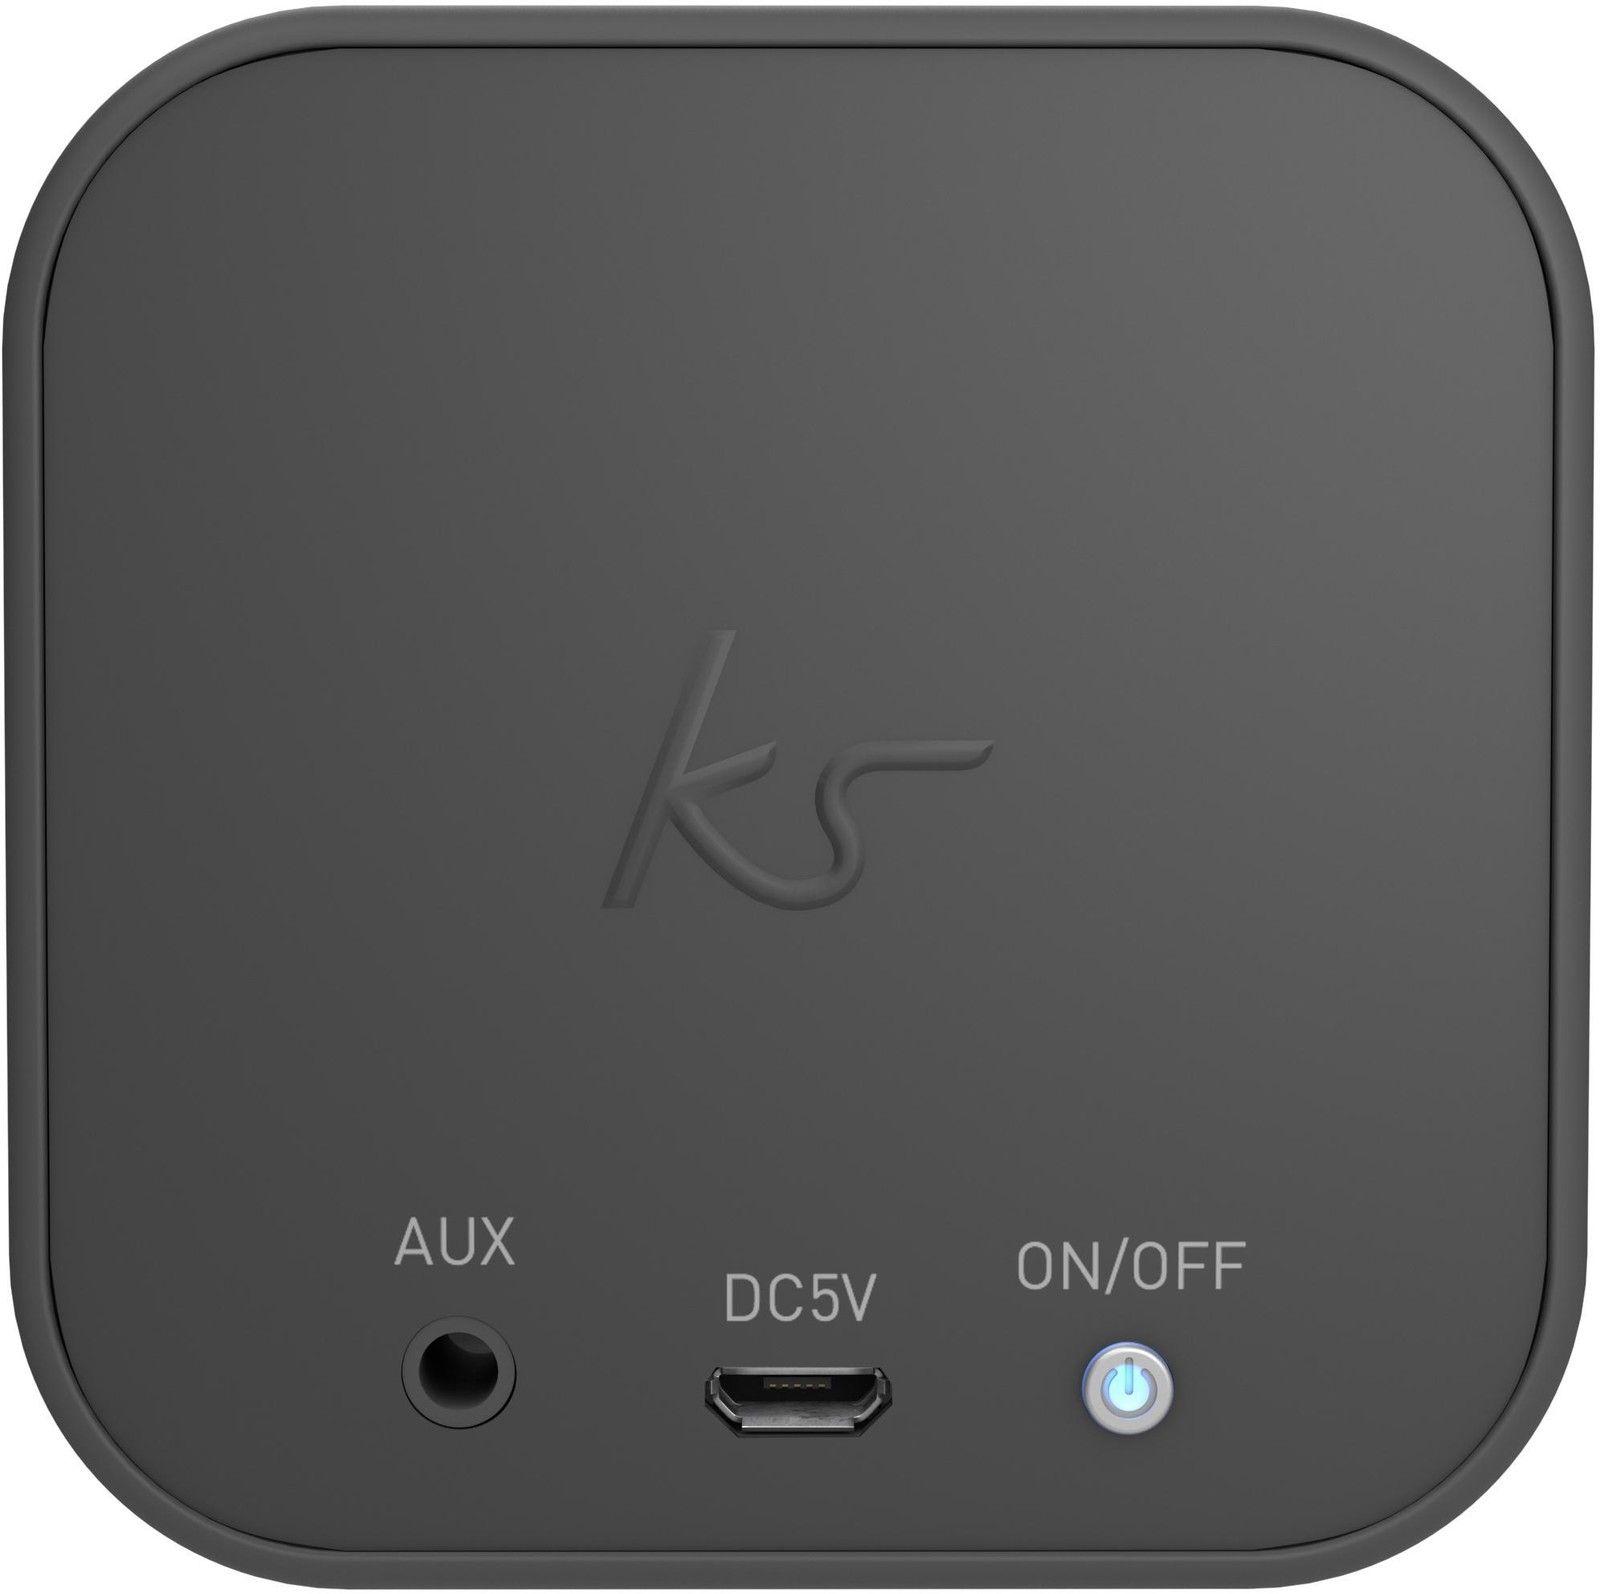 Köp Kitsound Boom Cube Speaker - iPhonebutiken.se 600ef75a9ea8d